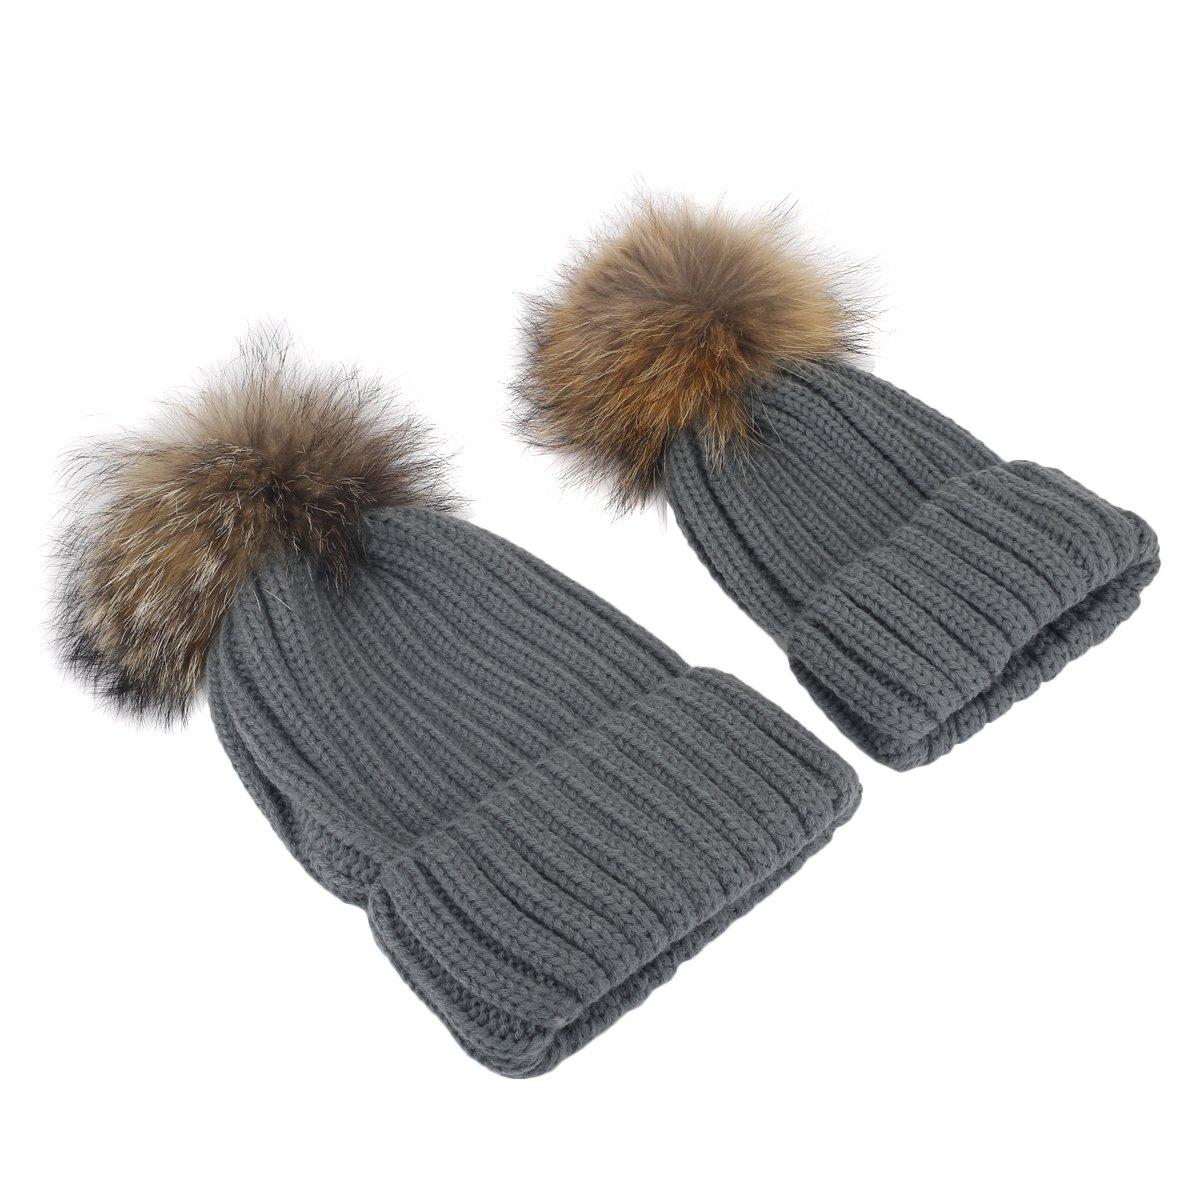 Butterme 2 pezzi Madre e bambino Crochet cappello a maglia cappotto caldo invernale-bambino invernale pipistrello cappello pompom cappello ZUMUii